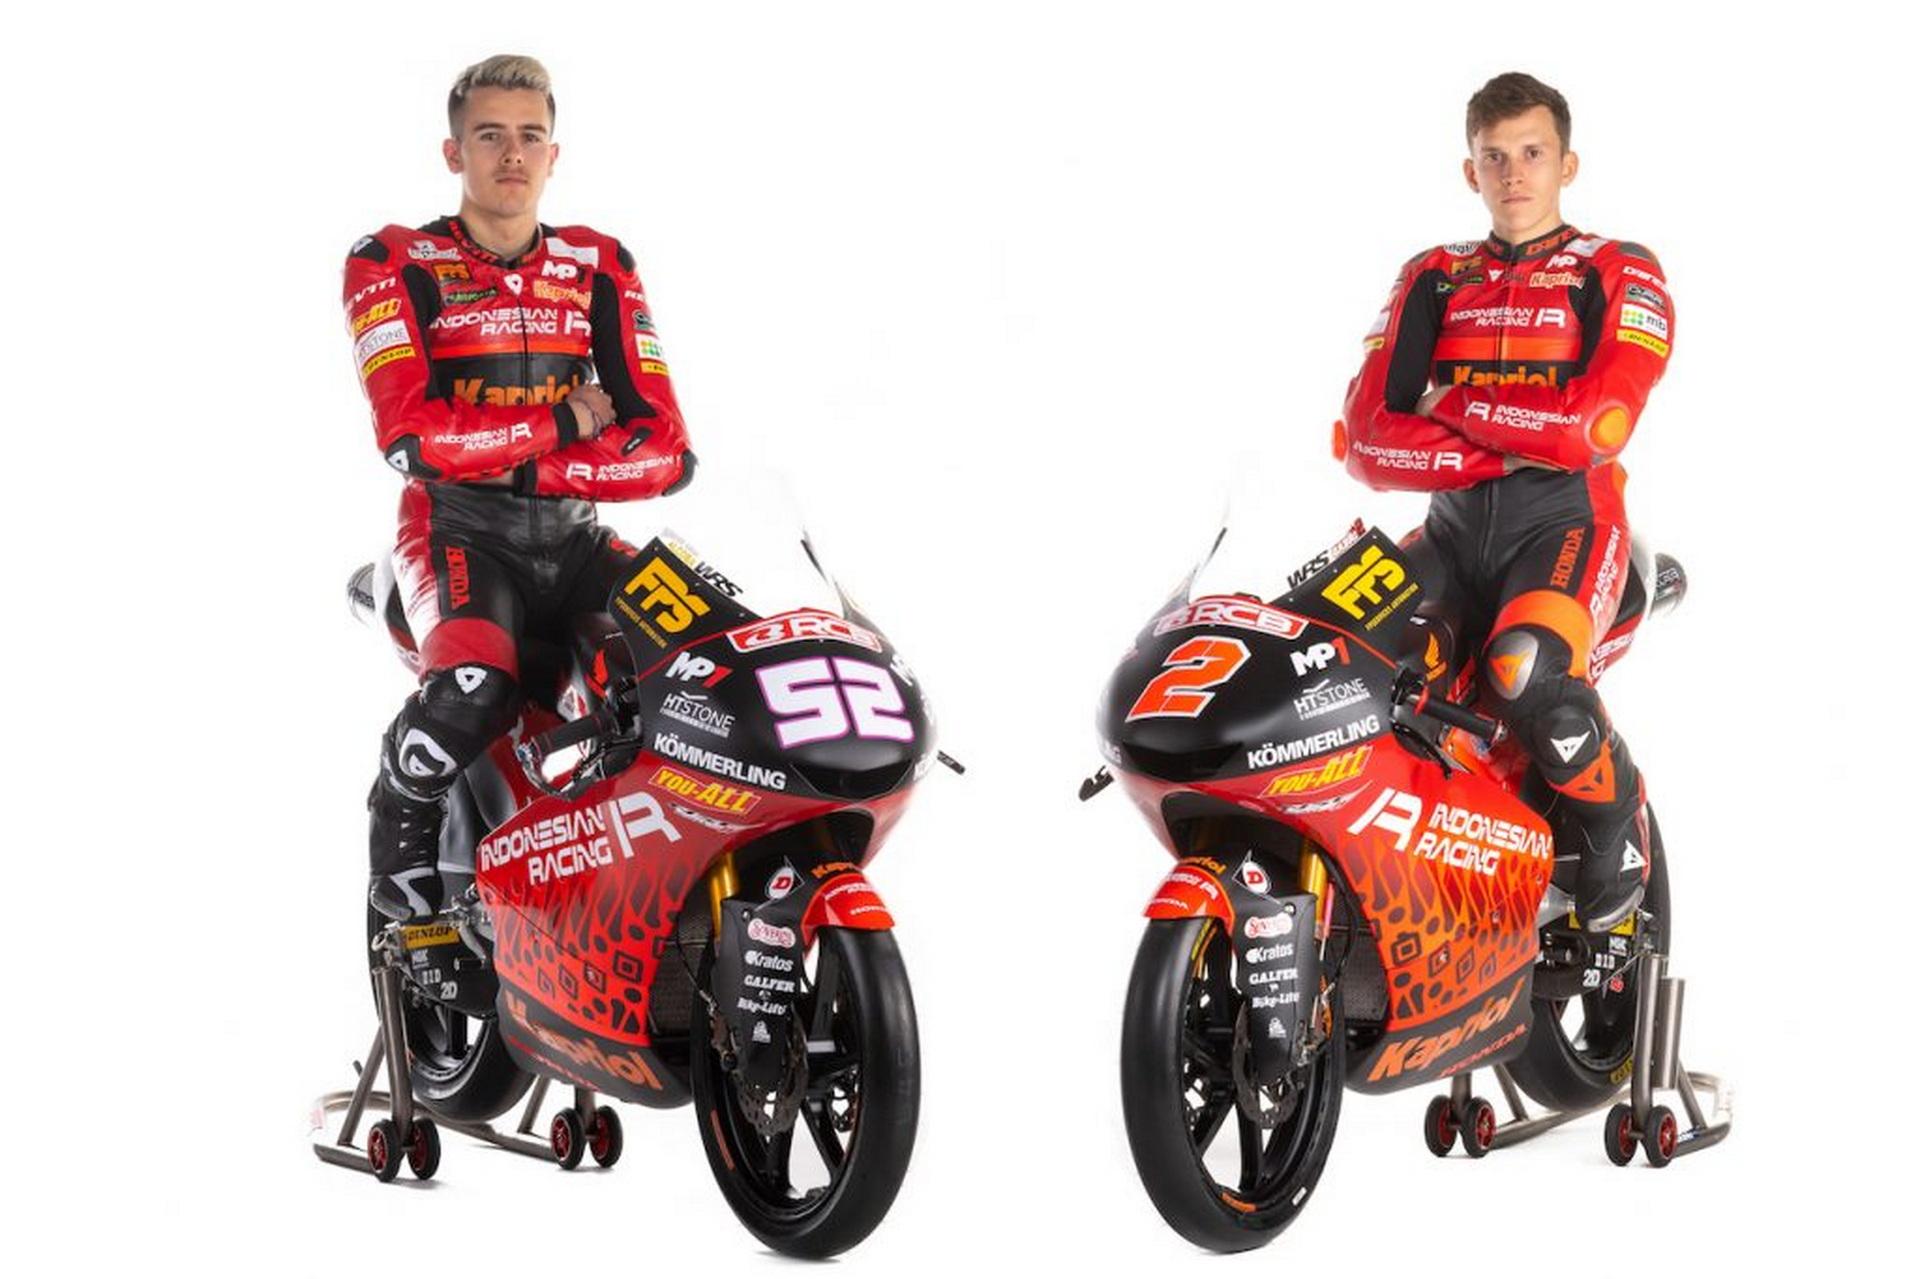 Presentado el Gresini Racing para Moto2 y Moto3